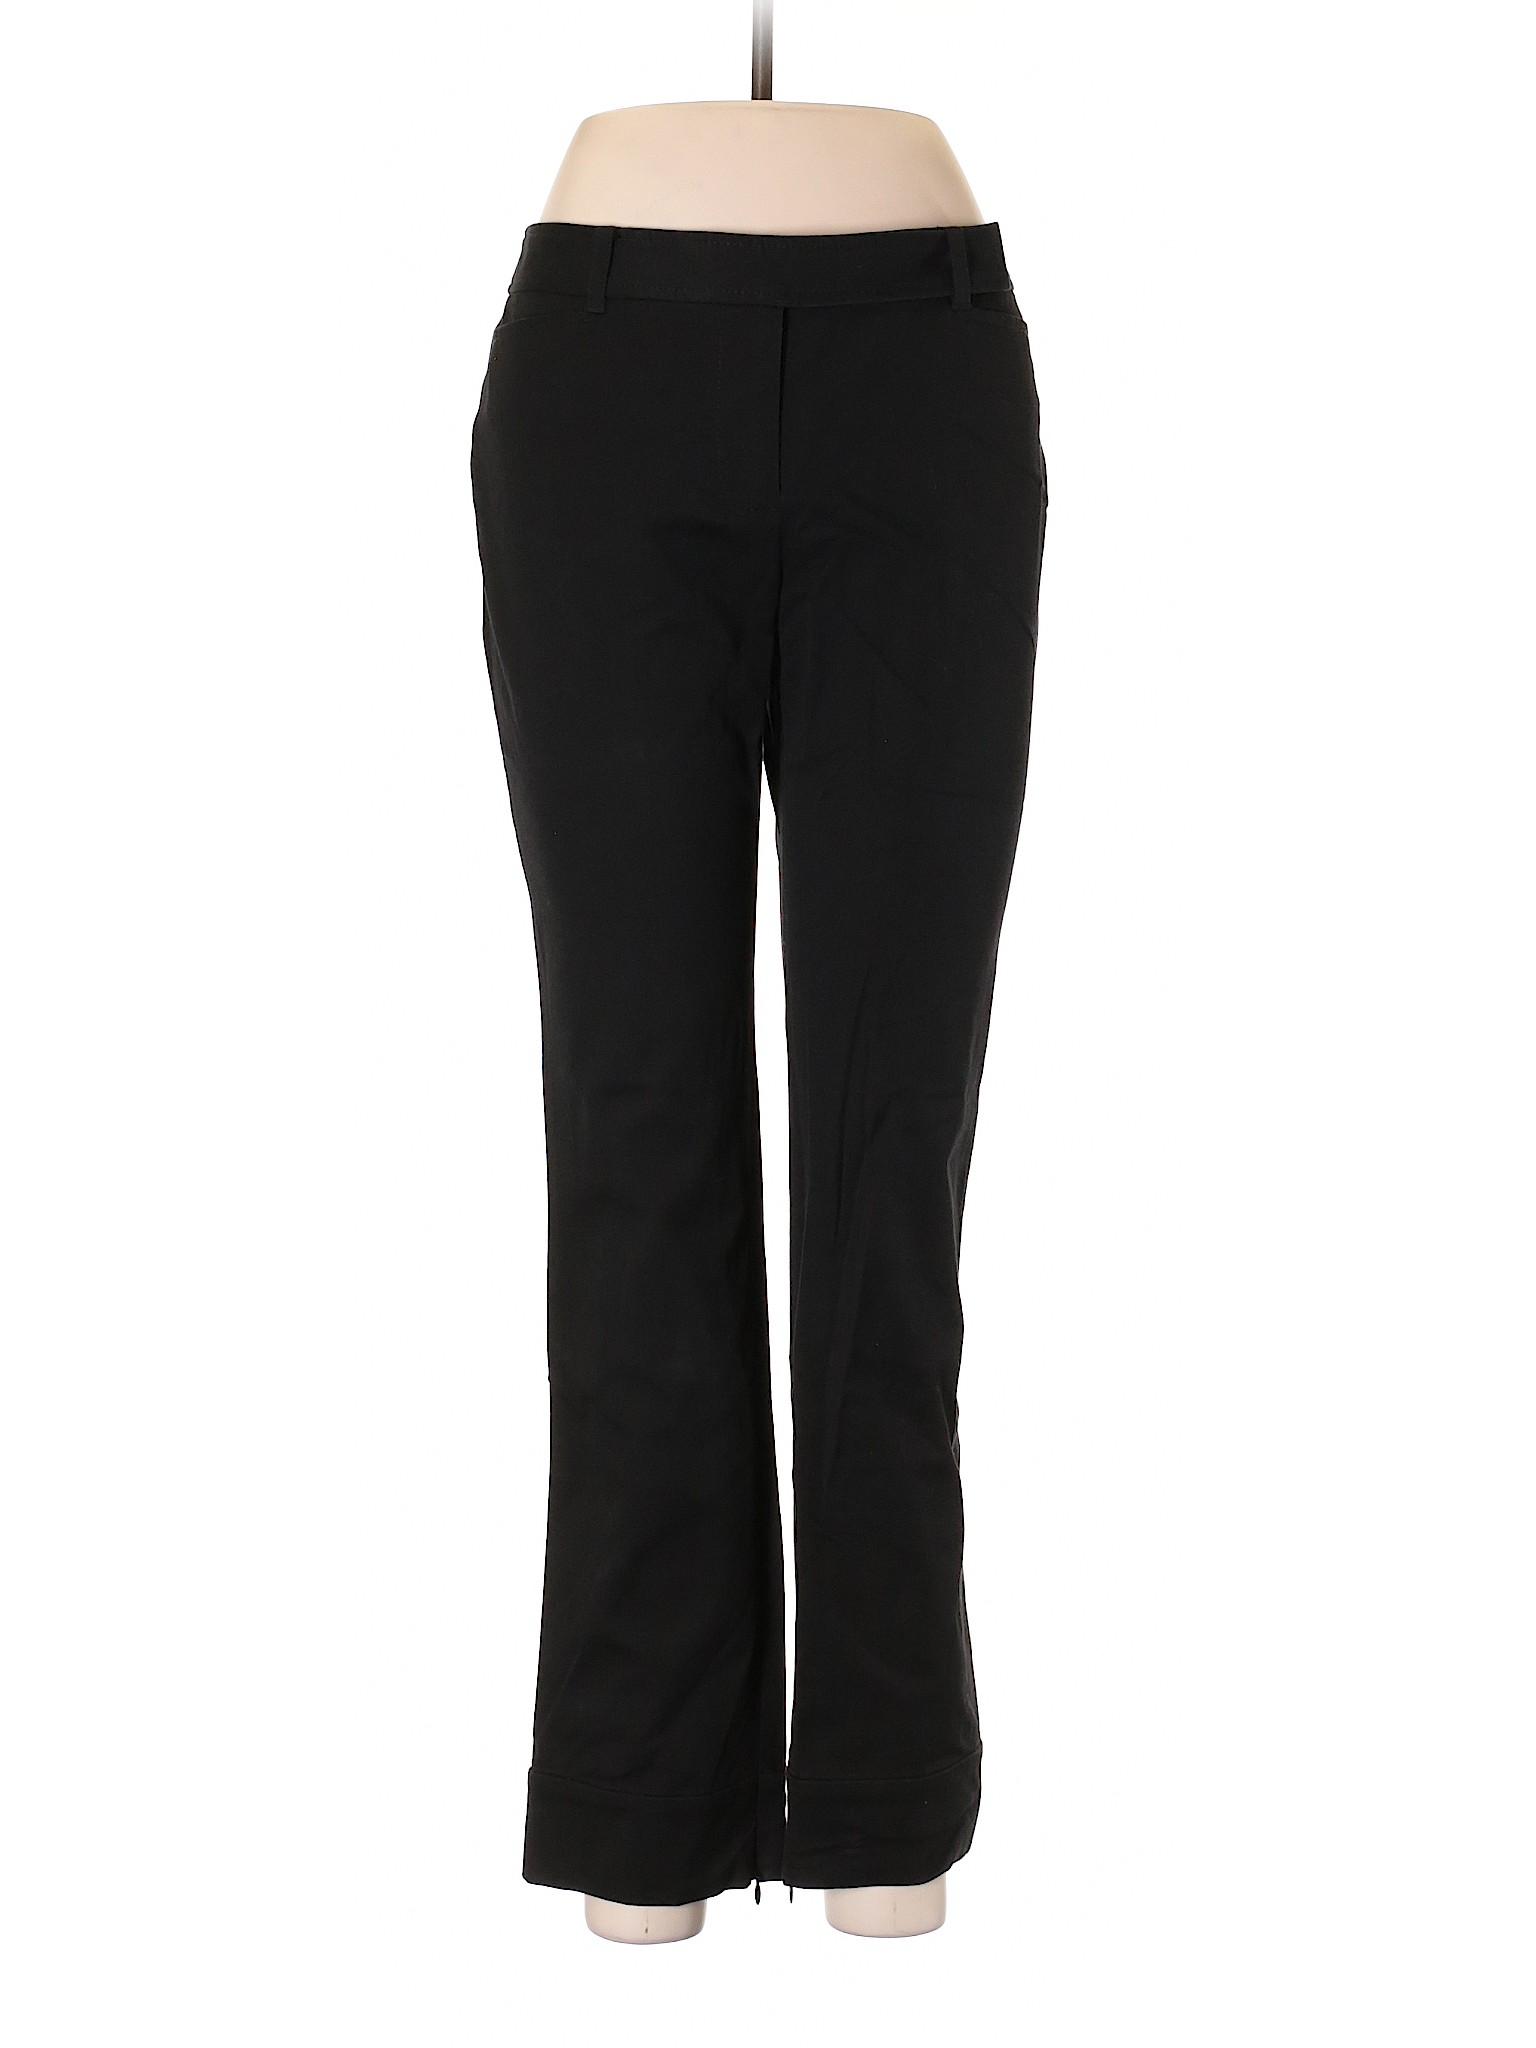 Loft Ann Taylor Dress Boutique Pants Winter wOTqxBBzt